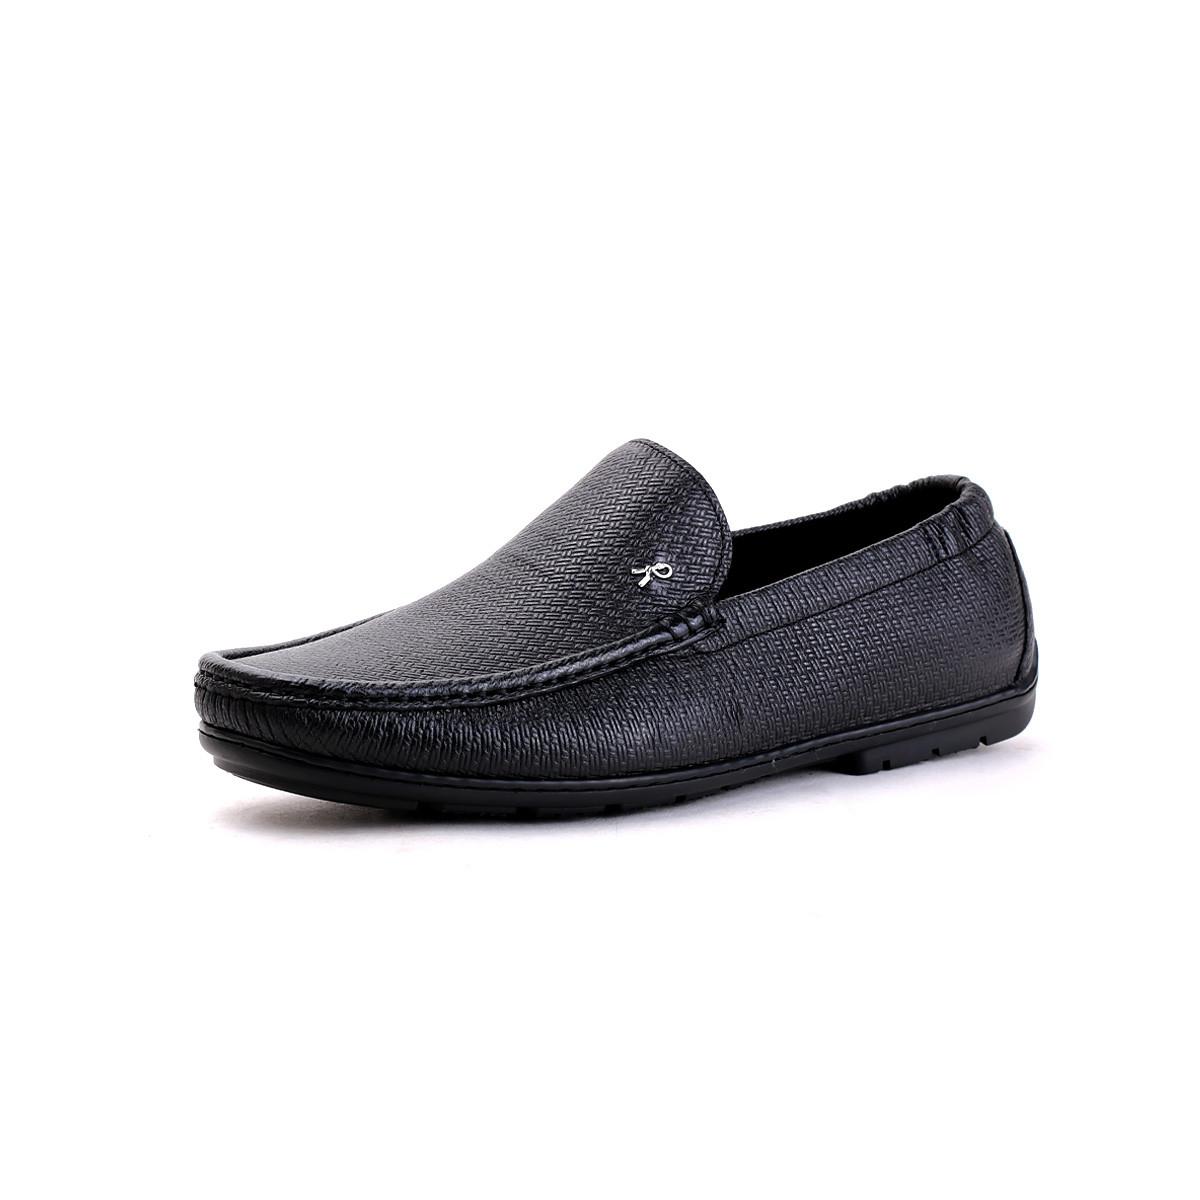 诺贝达2019新款 鹿皮压编织时尚休闲鞋软底软面男士豆豆鞋男鞋WRJ23025A